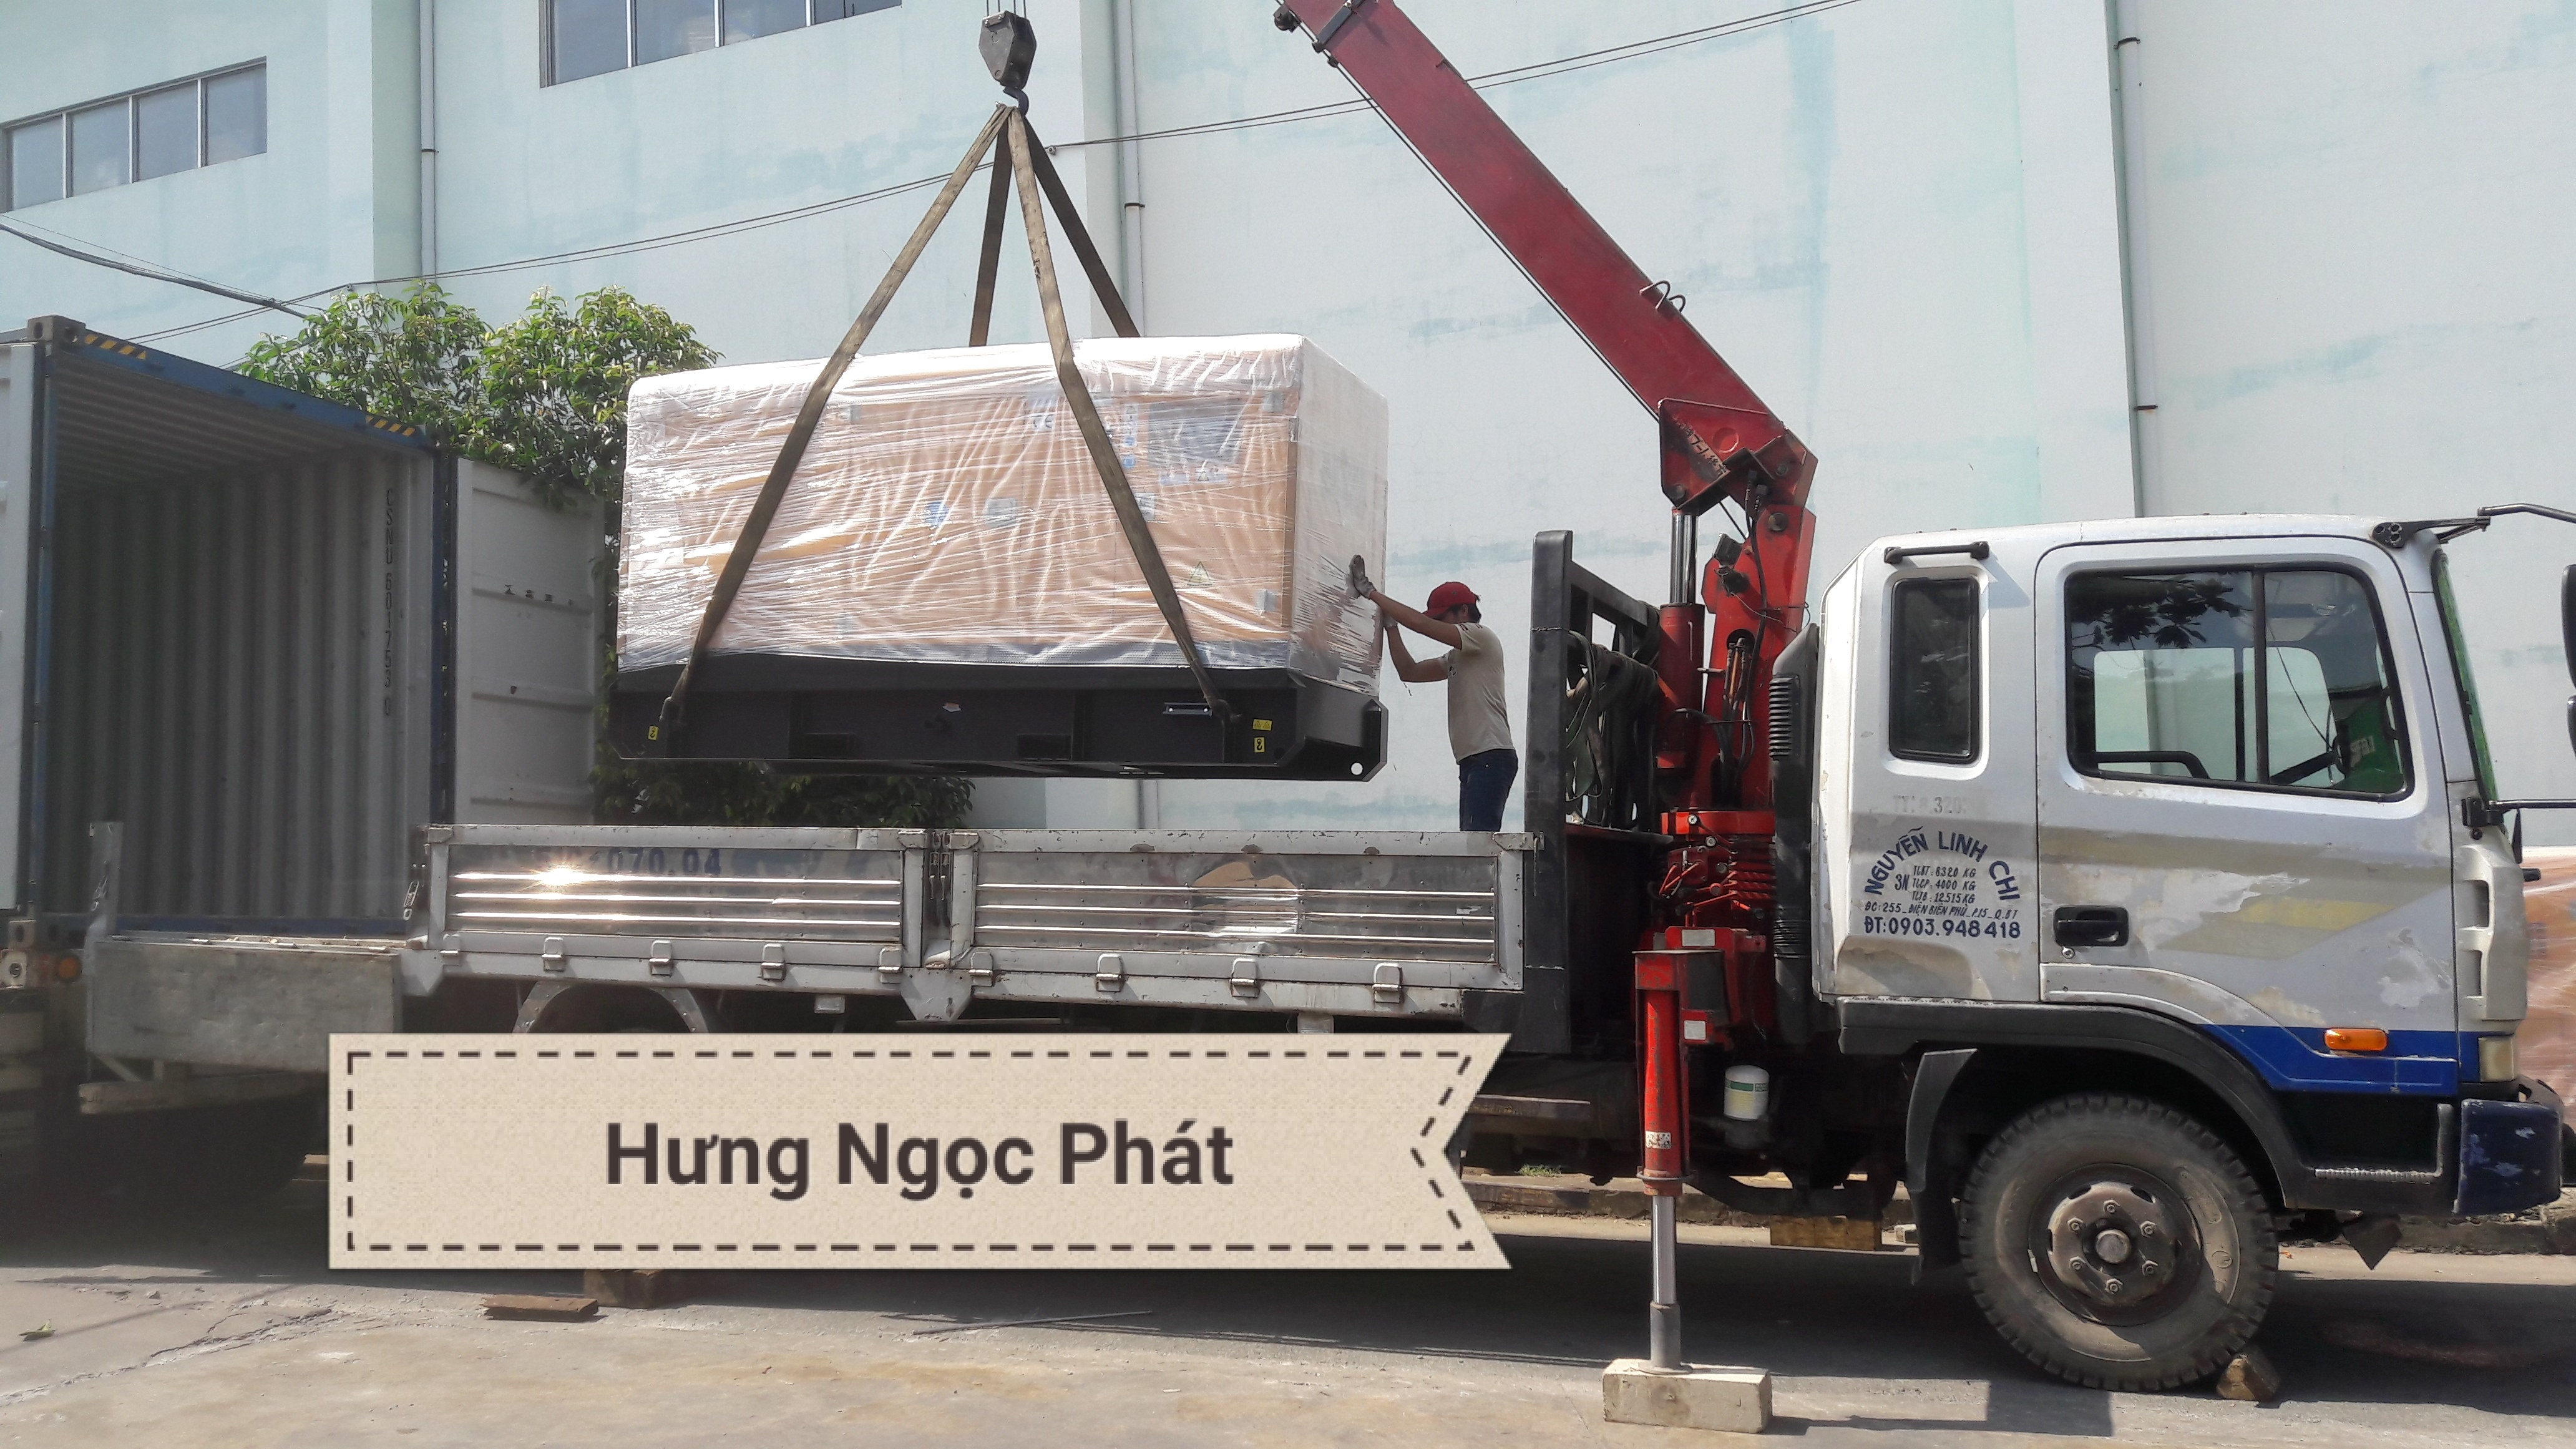 Máy Phát Điện Cummins 100KVA (Mỹ)- DỰ ÁN: Công ty TNHH Một Thành viên Tư vấn Xây dựng Phước Tấn